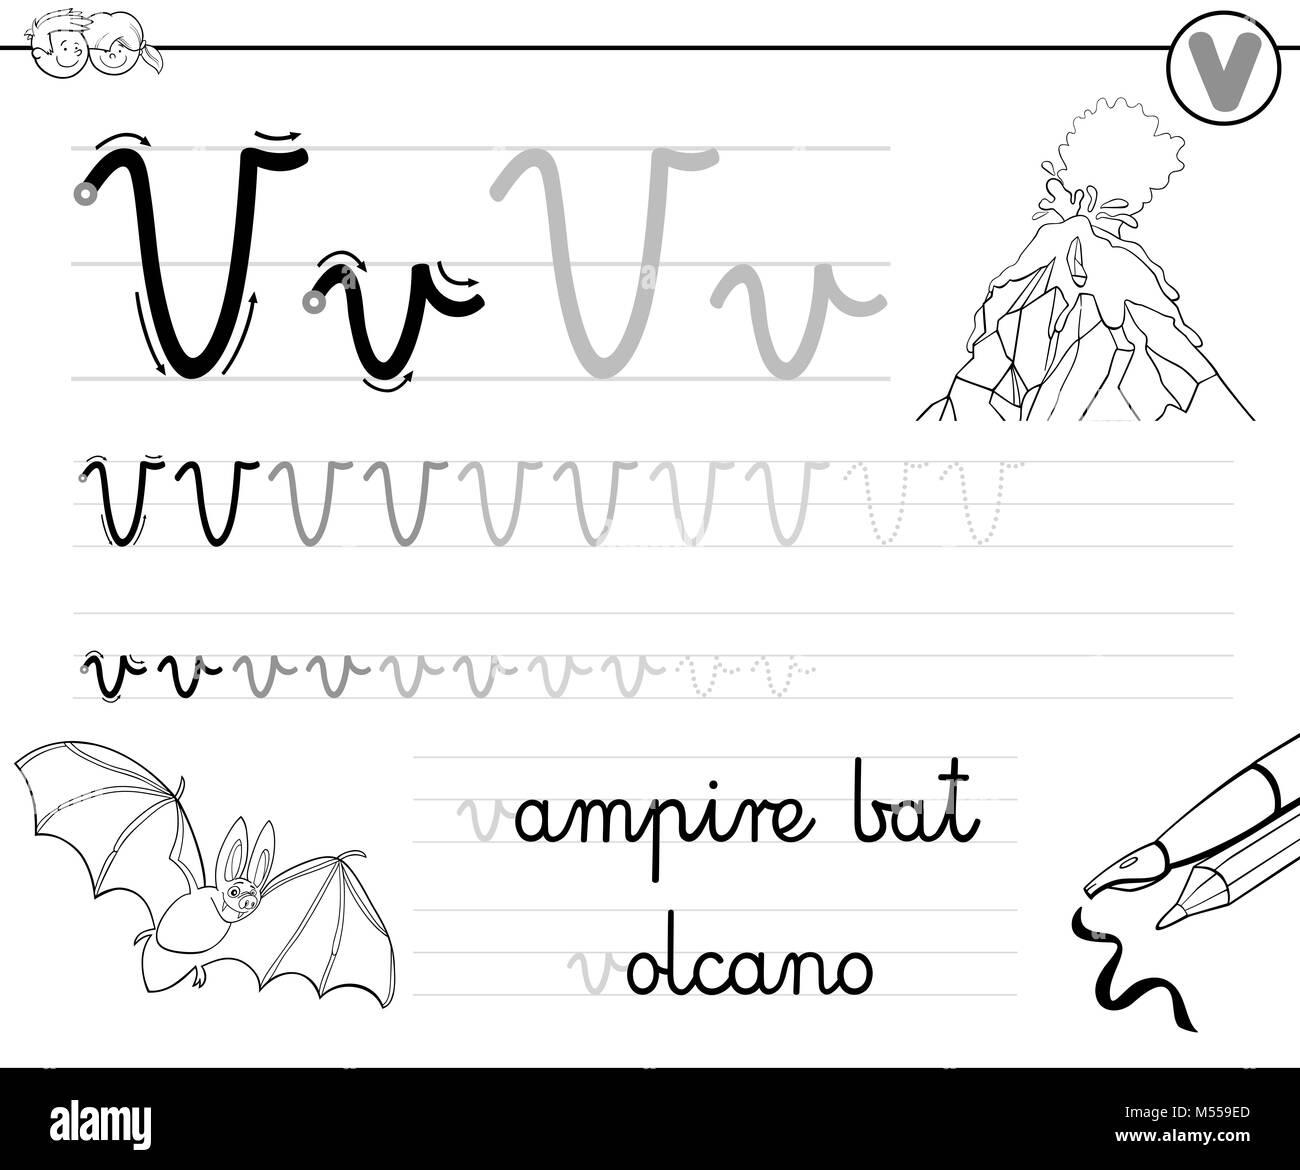 Aprender A Escribir La Letra V Libro Para Ninos Foto